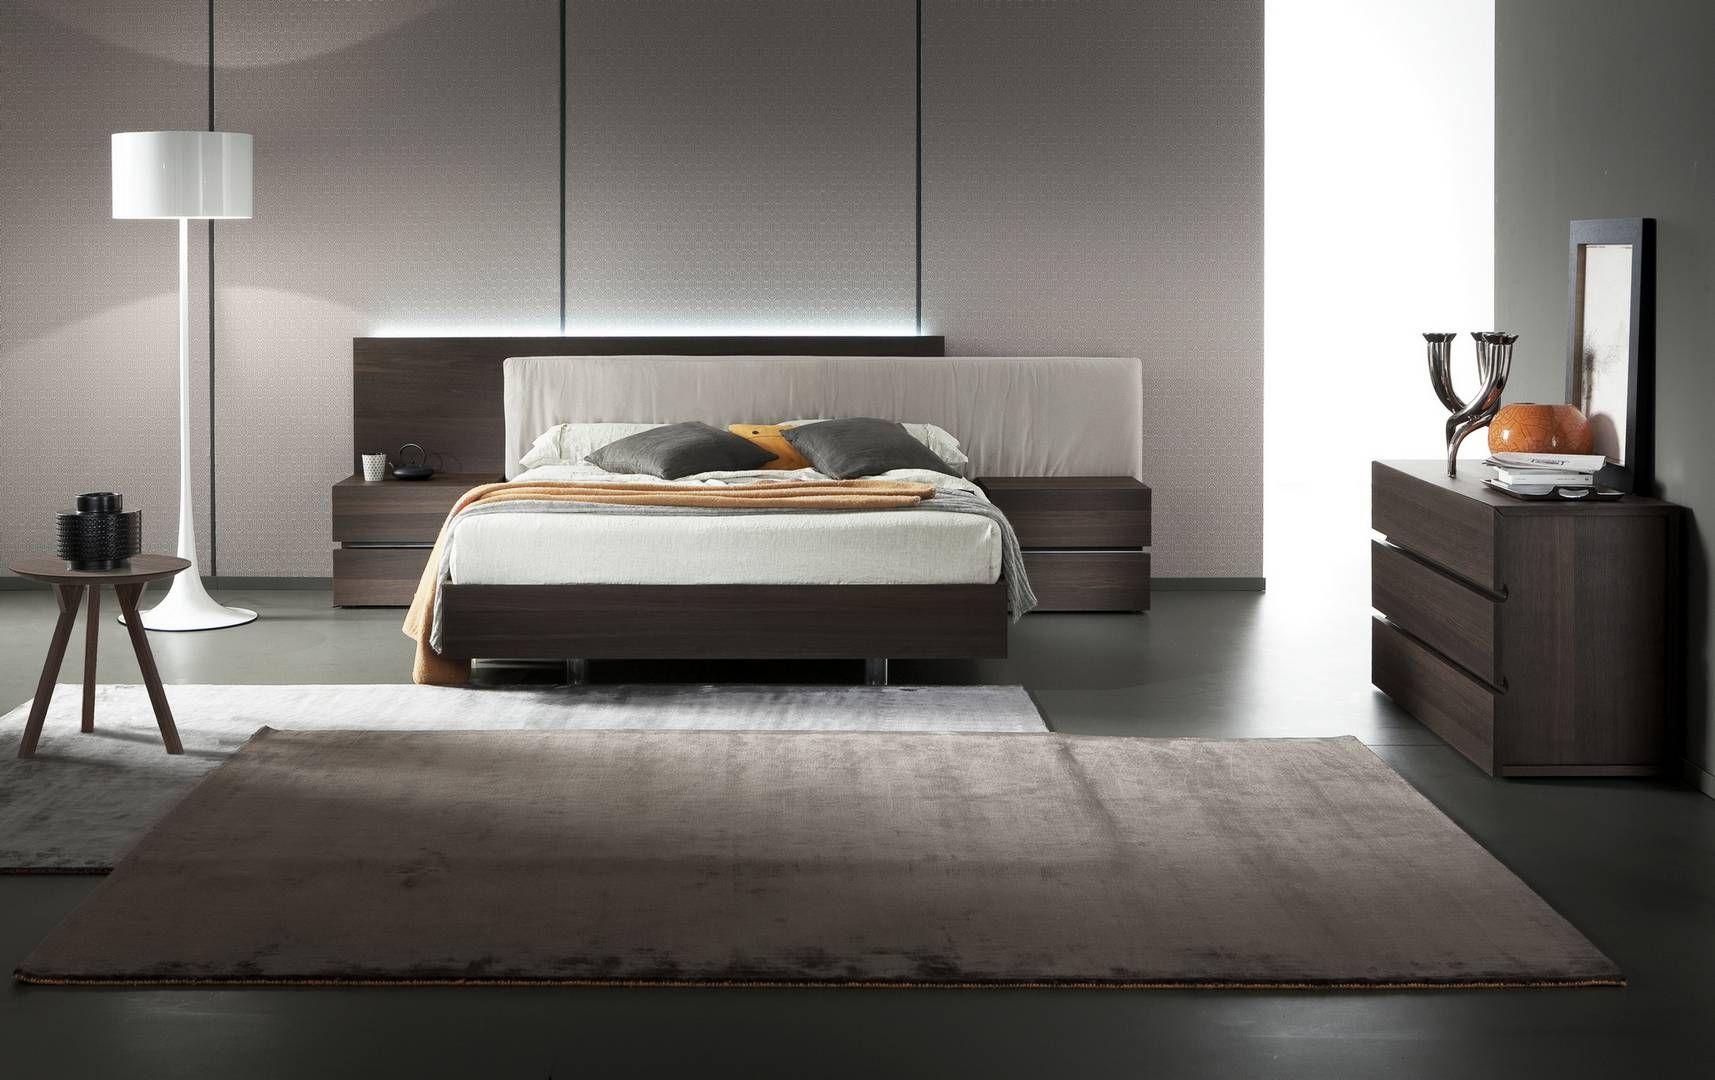 Innenarchitektur von schlafzimmermöbeln zeitgenössische schlafzimmermöbel für das moderne leben